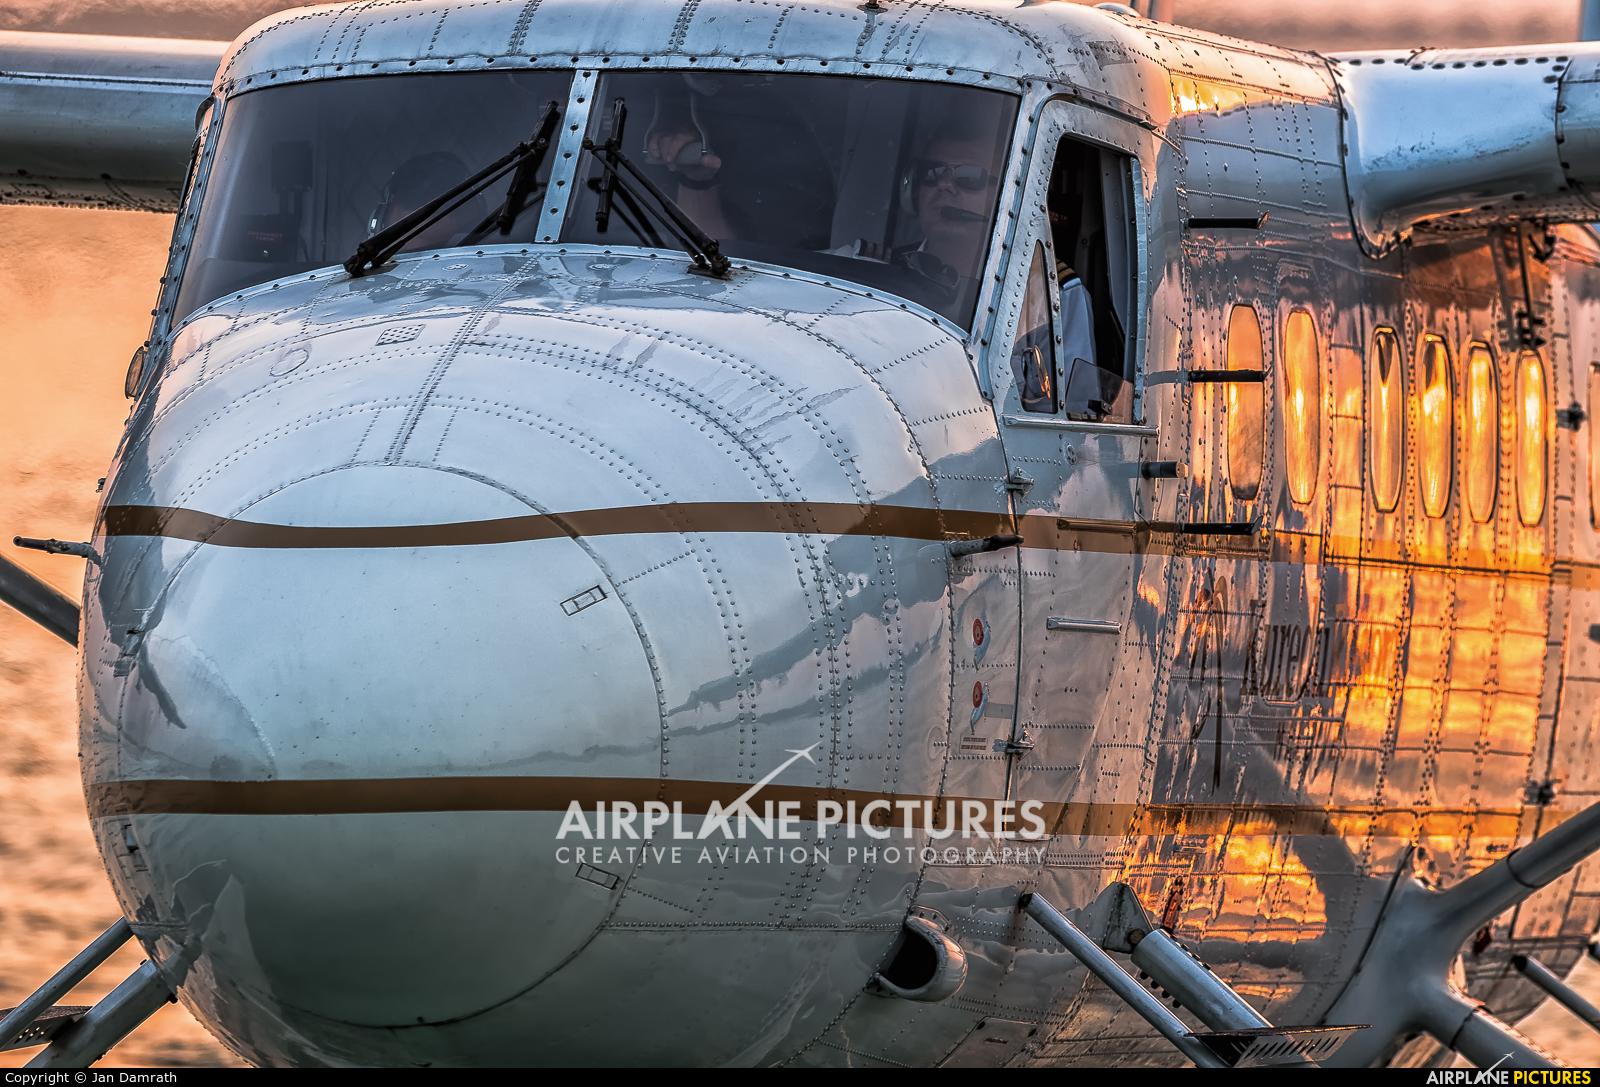 Trans Maldivian Airways - TMA 8Q-MAZ aircraft at Off Airport - Maldives